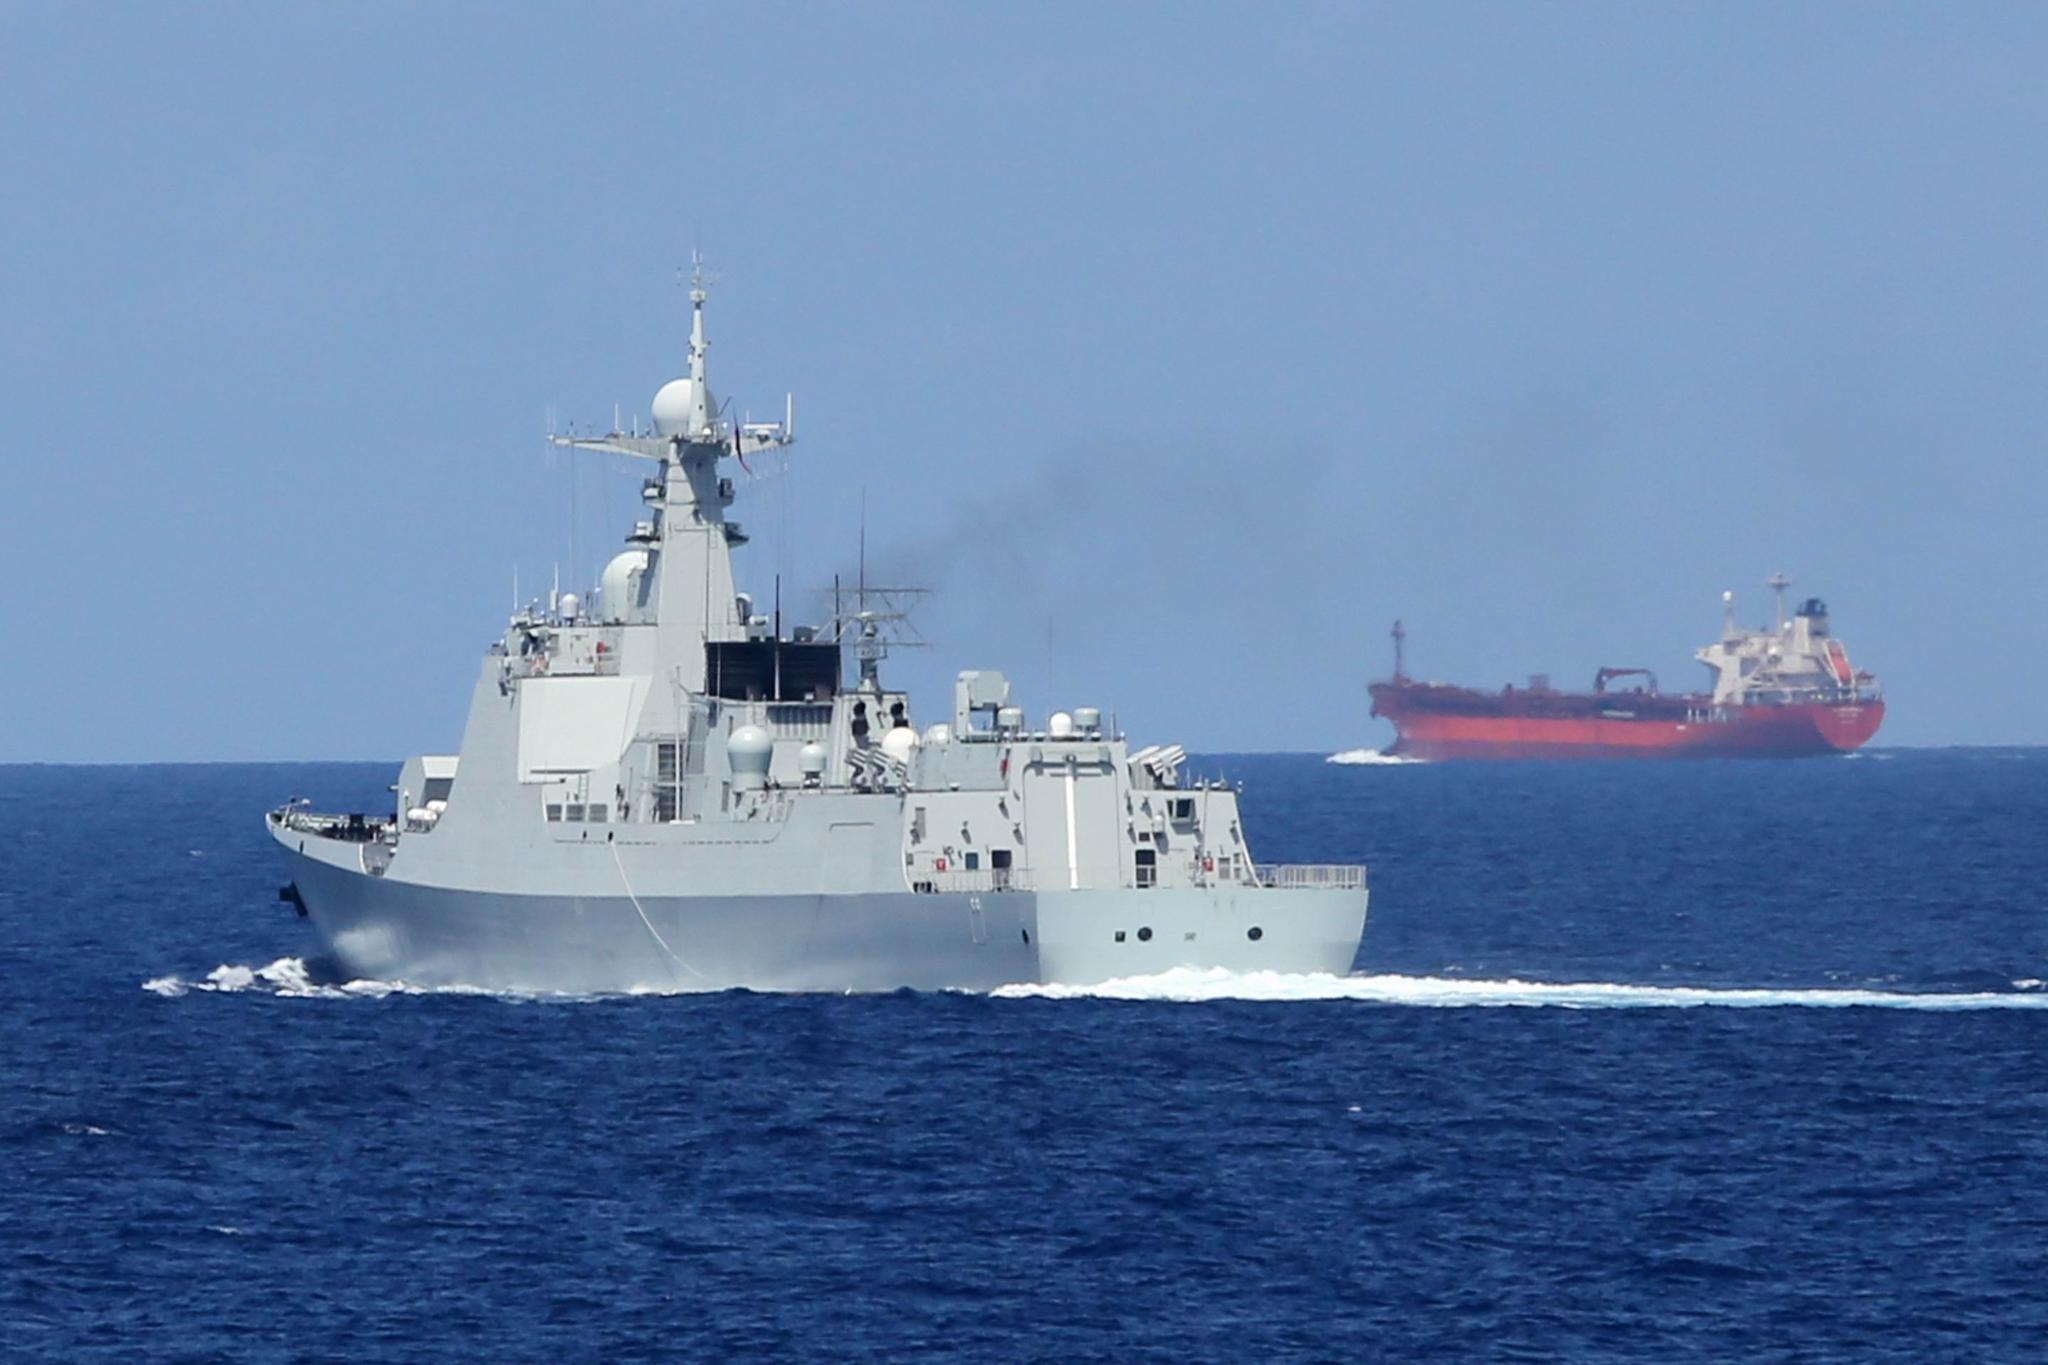 亚丁湾护航,历史的见证——写在中国海军第35批编队亚丁湾护航结束之际